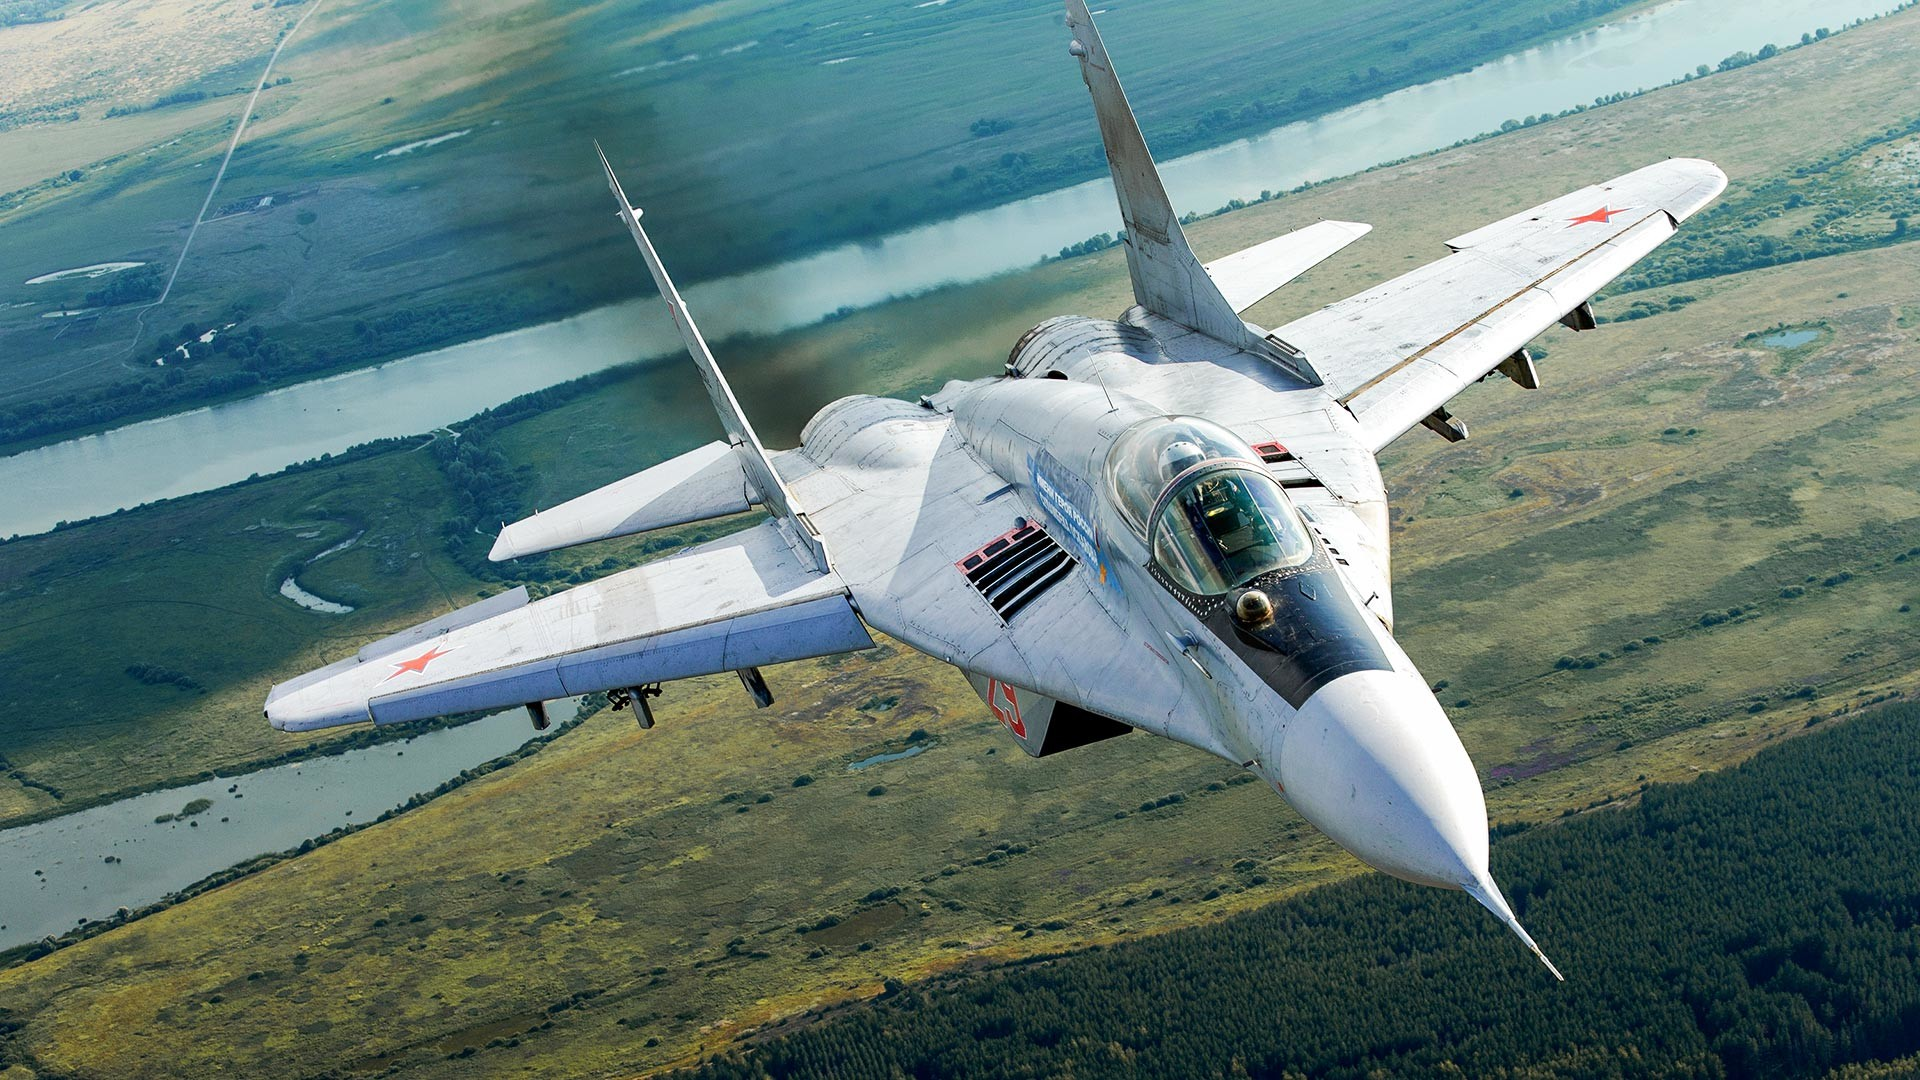 Mikoyan MiG-29S